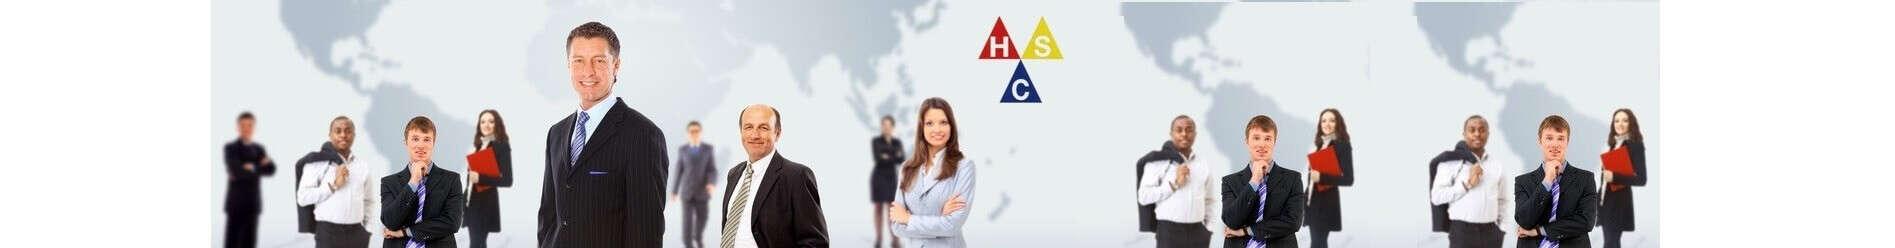 Unternehmens-Broker M&A-Berater